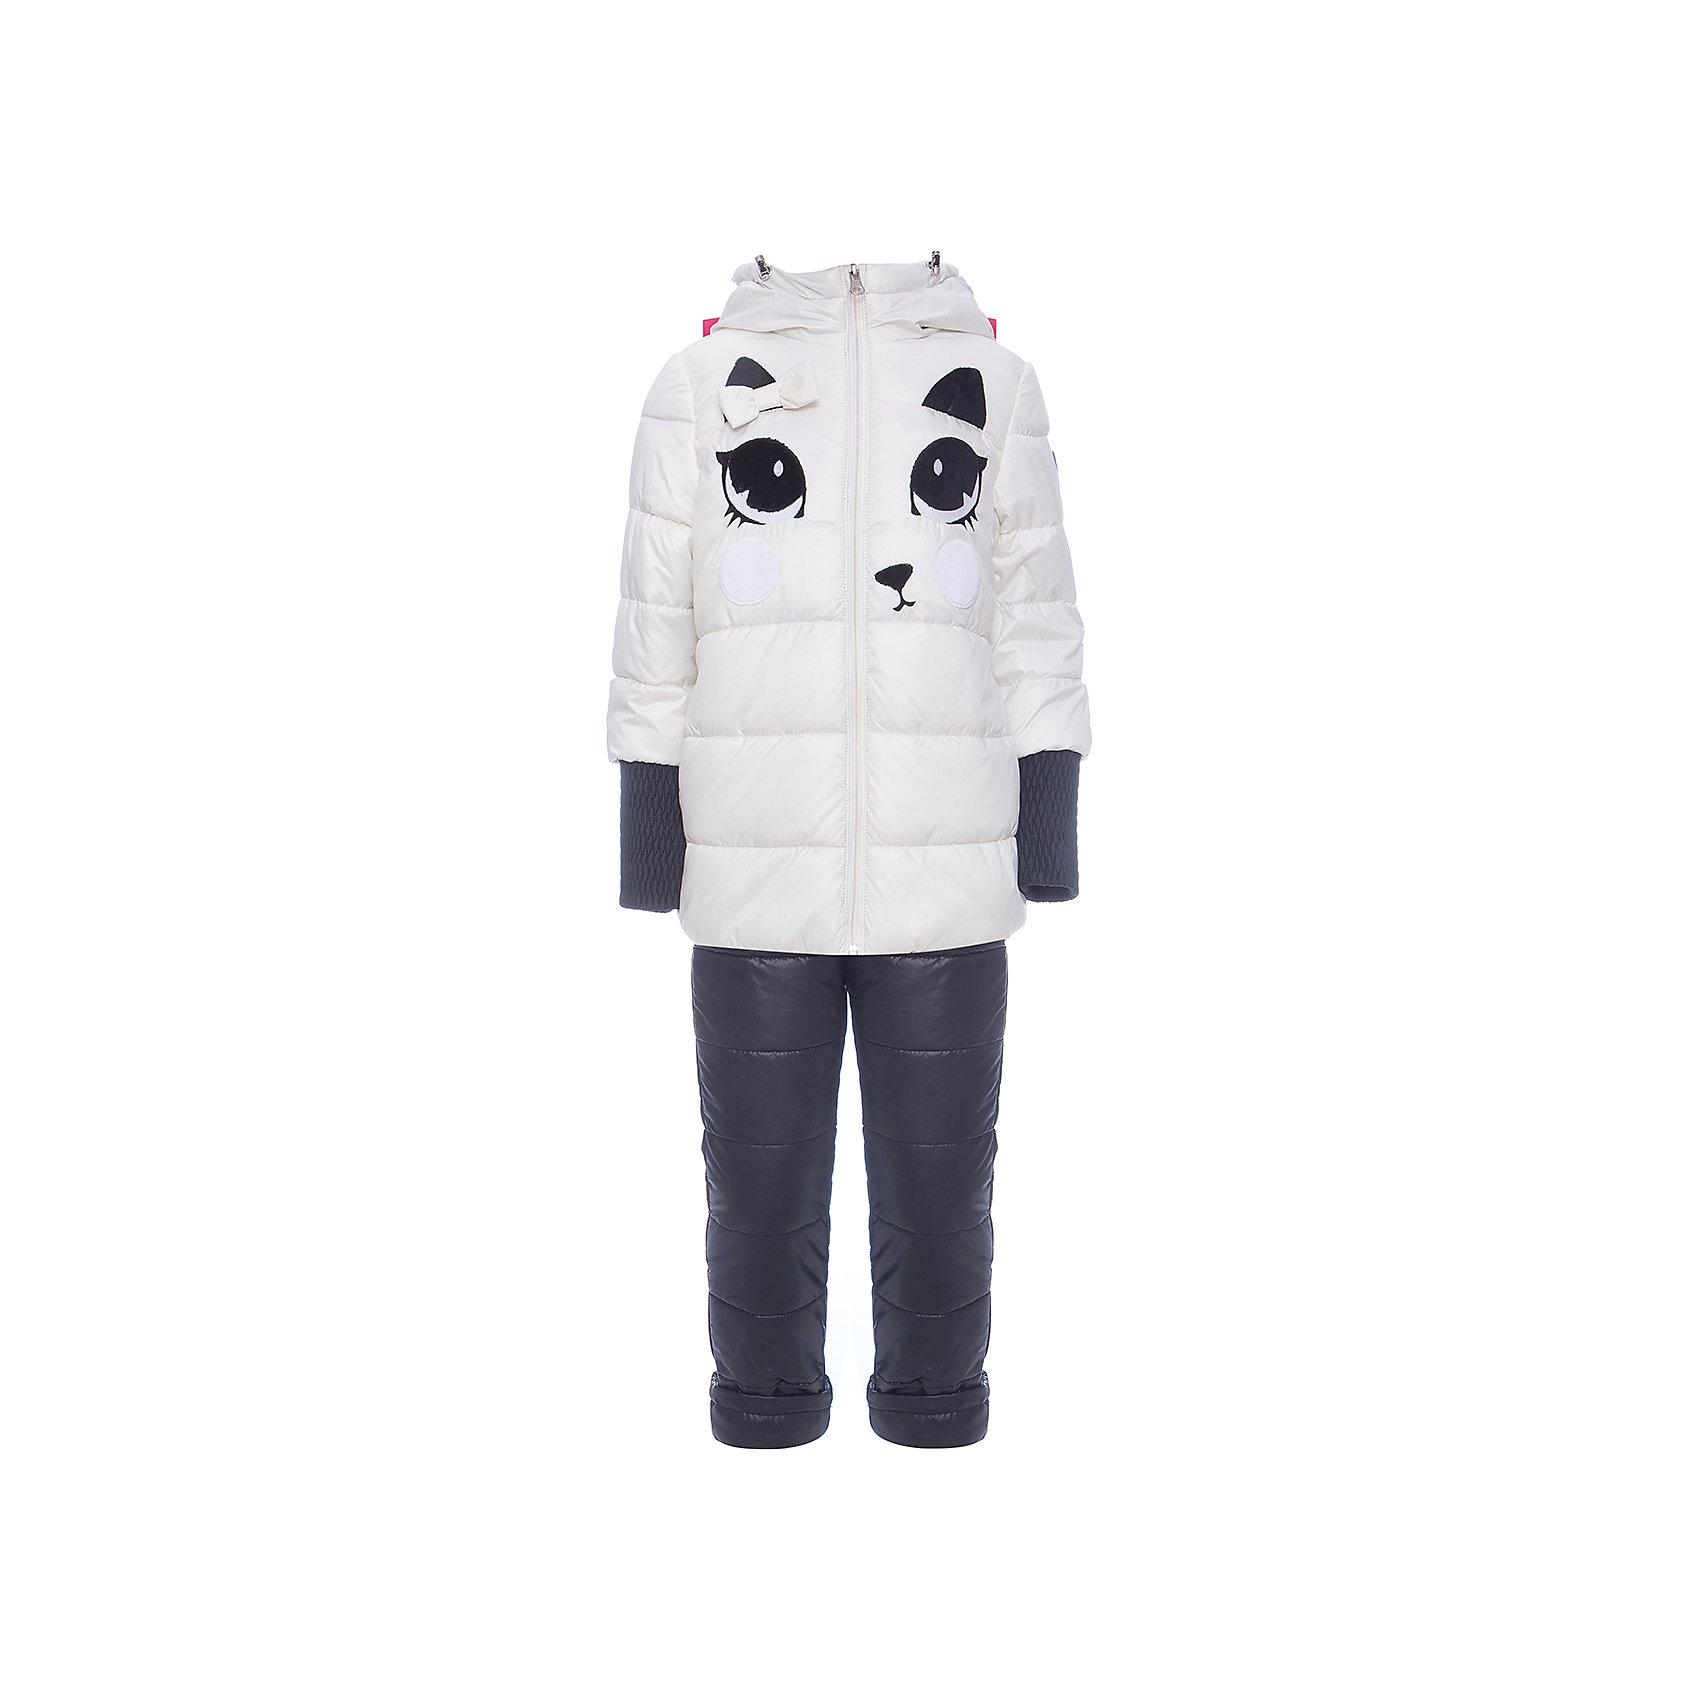 Комплект: куртка и брюки BOOM by Orby для девочкиВерхняя одежда<br>Характеристики товара:<br><br>• цвет: белый<br>• ткань верха: куртка - Таффета oil cire pu milky, брюки - Болонь pu milky<br>• подкладка: куртка - Флис; ПЭ пуходержащий; брюки - ПЭ пуходержащий<br>• утеплитель: куртка - Flexy Fiber 200 г/м2; брюки - Flexy Fiber 80 г/м2<br>• сезон: демисезон<br>• температурный режим: от -10° до +10°С<br>• особенности куртки: на молнии, дутая<br>• особенности брюк: на резинке, дутые<br>• капюшон: без меха <br>• страна бренда: Россия<br>• страна изготовитель: Россия<br><br>Демисезонный комплект для девочки состоит из куртки с капюшоном и удобных брюк. Утеплитель и плотная ткань верха делает его подходящим для сырой и холодной погоды. Модный и удобный комплект создан специально для девочек. <br><br>Комплект: куртка и брюки BOOM by Orby для девочки можно купить в нашем интернет-магазине.<br><br>Ширина мм: 356<br>Глубина мм: 10<br>Высота мм: 245<br>Вес г: 519<br>Цвет: белый<br>Возраст от месяцев: 18<br>Возраст до месяцев: 24<br>Пол: Женский<br>Возраст: Детский<br>Размер: 92,98,116,122,110,104,86<br>SKU: 7007608